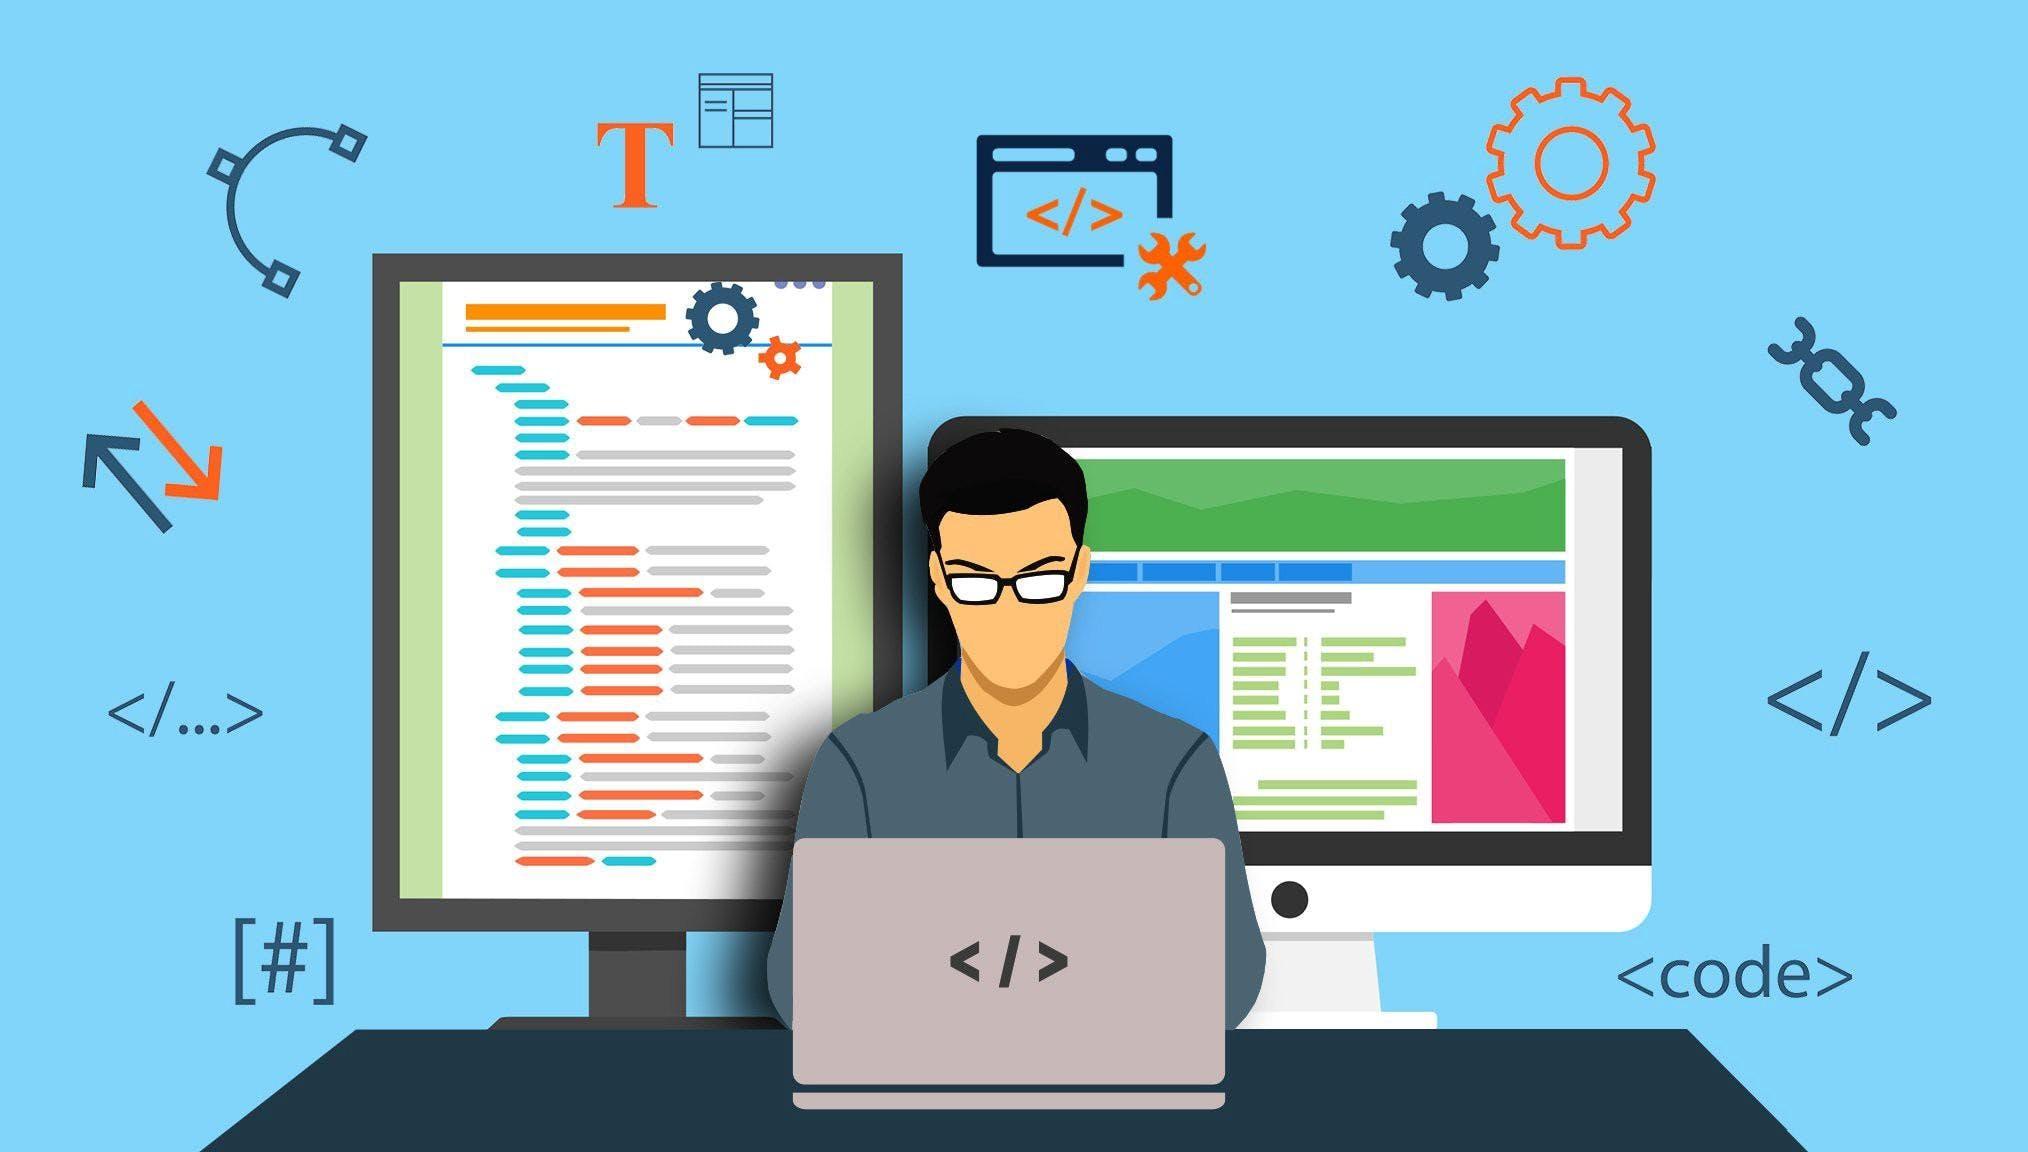 Berlin: Get a Job in Tech //: Learn Web Development